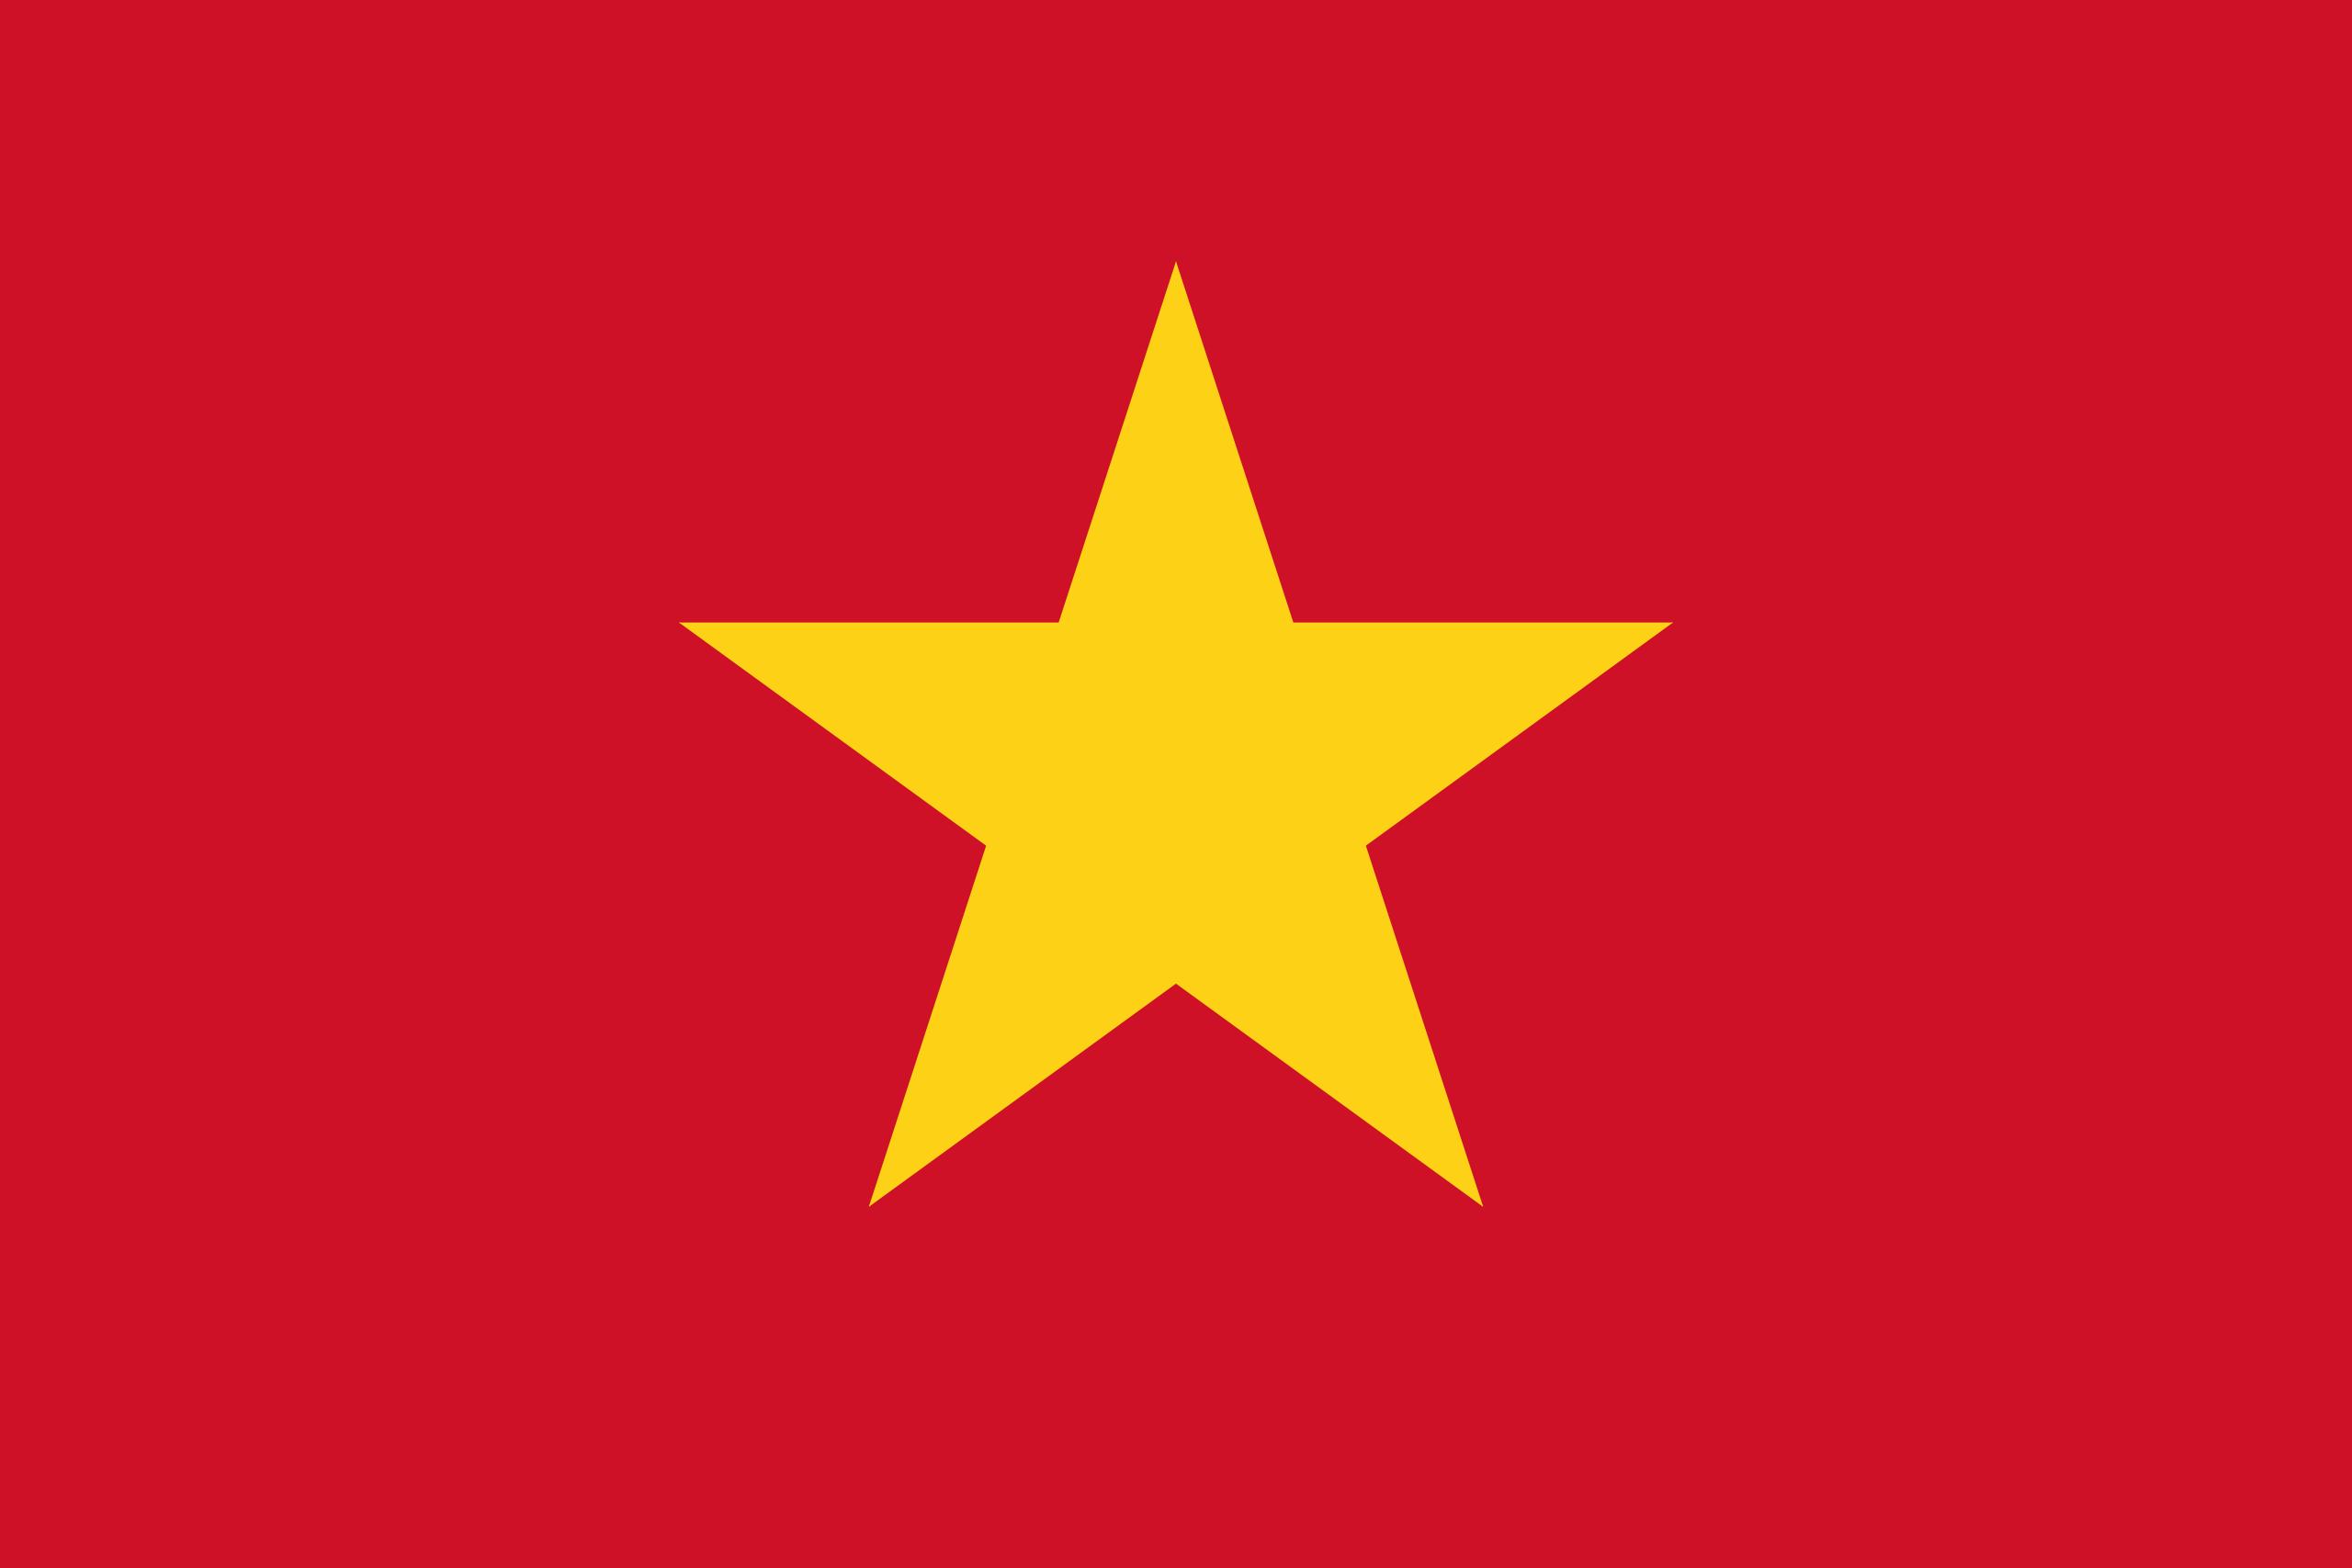 ベトナム, 国, エンブレム, ロゴ, シンボル - HD の壁紙 - 教授-falken.com